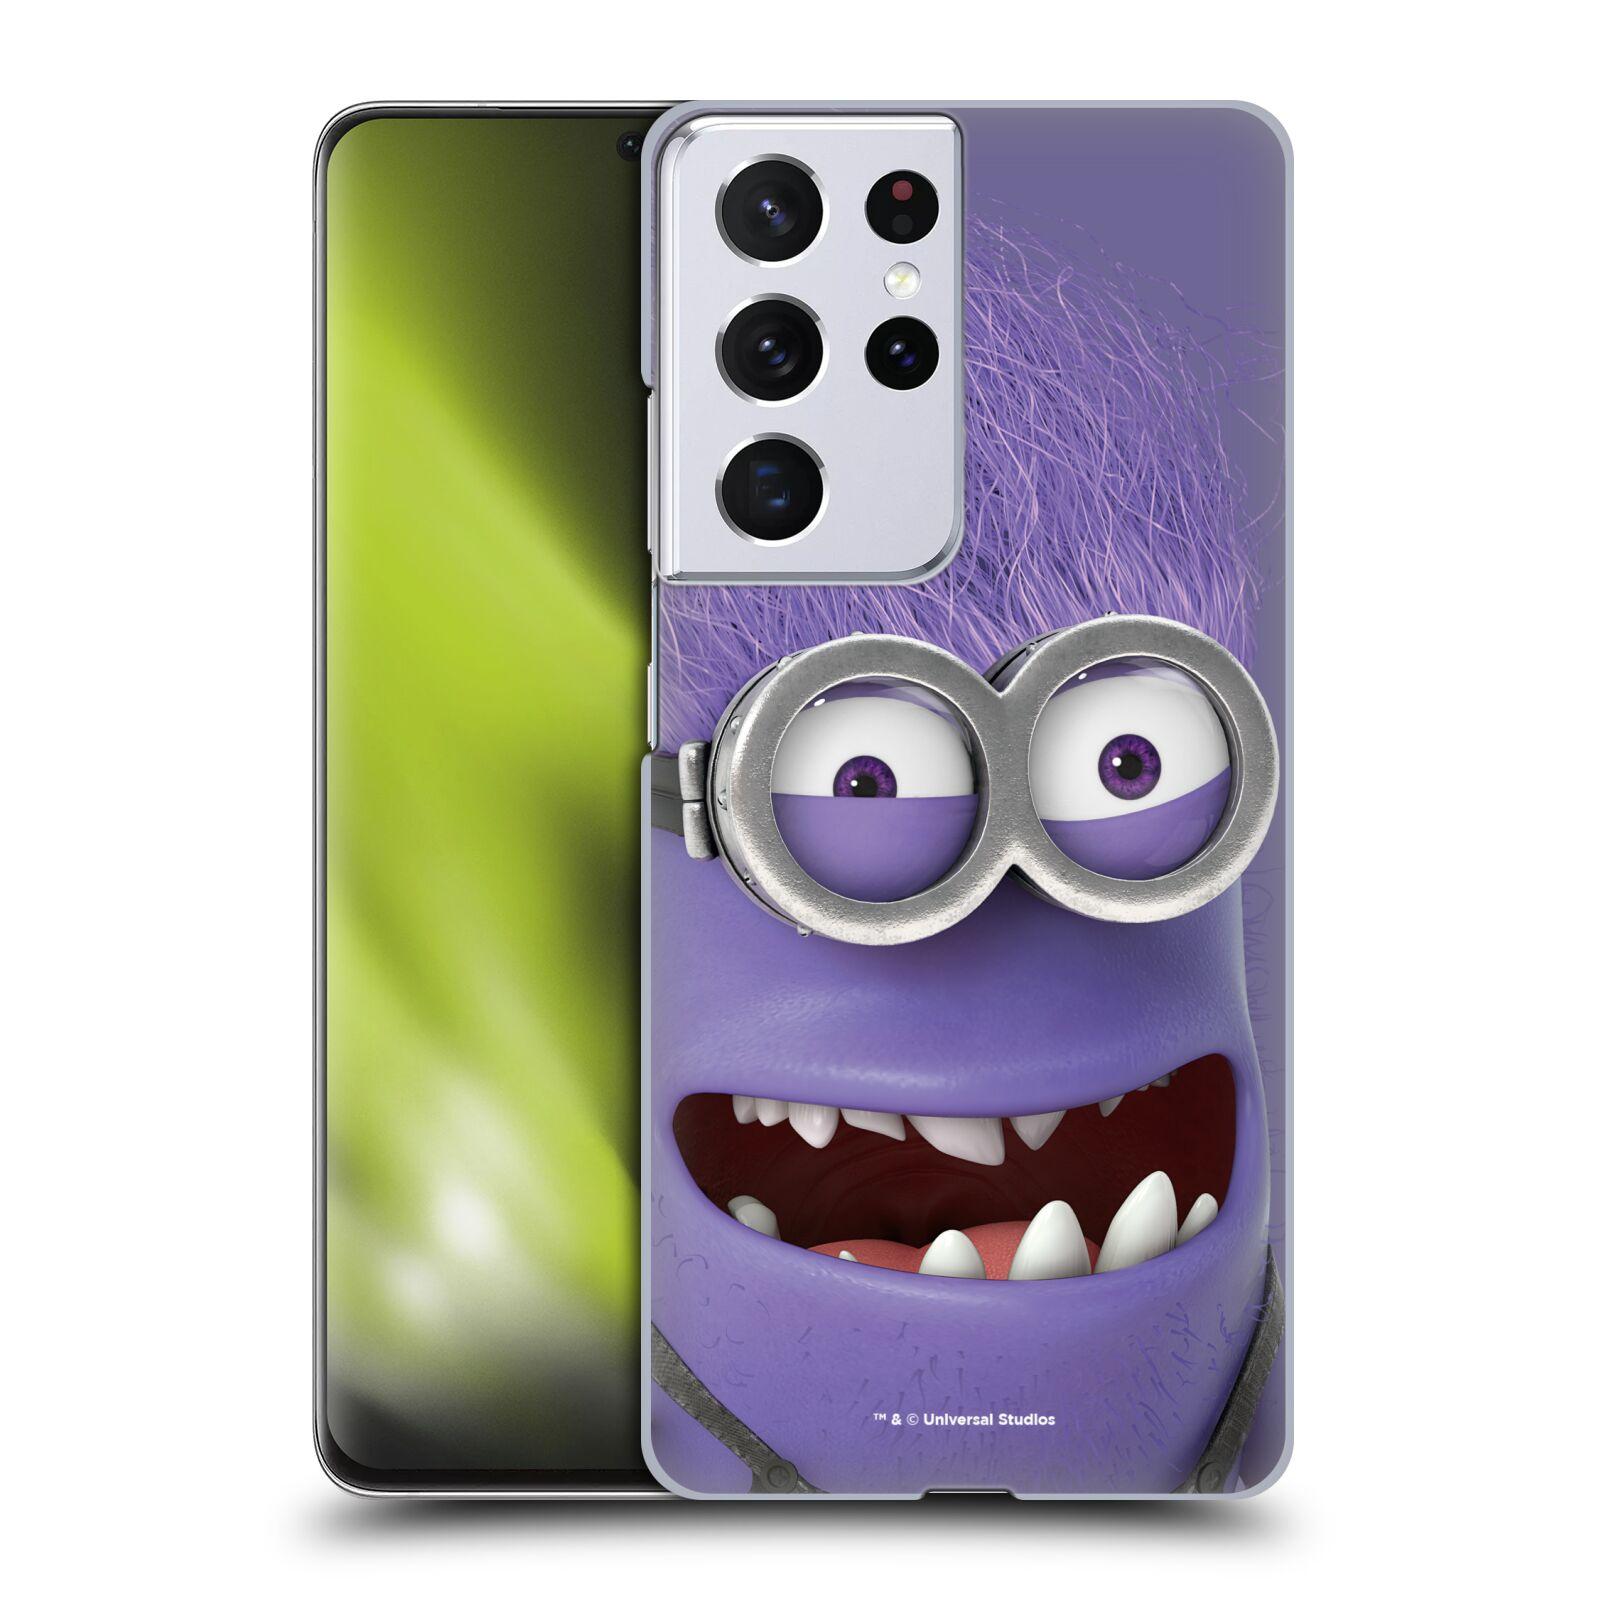 Plastové pouzdro na mobil Samsung Galaxy S21 Ultra 5G - Head Case - Zlý Mimoň z filmu Já, padouch - Despicable Me